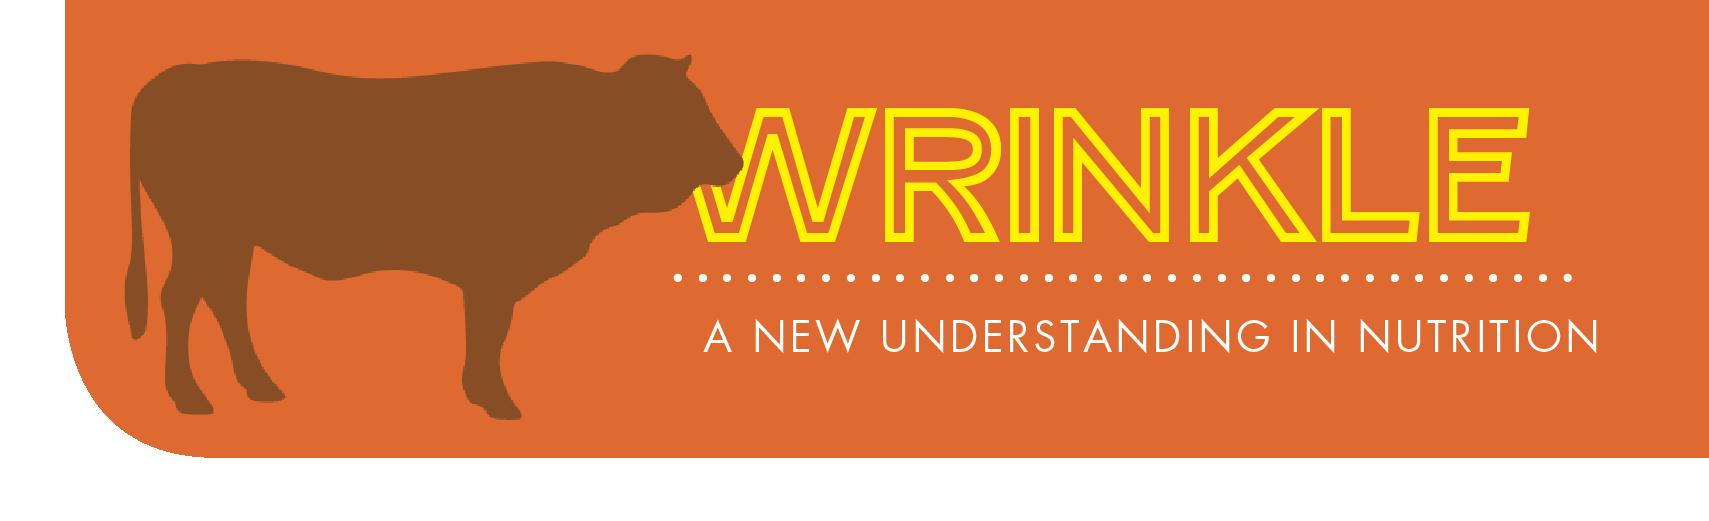 Wrinkle - A new understanding in nutrition